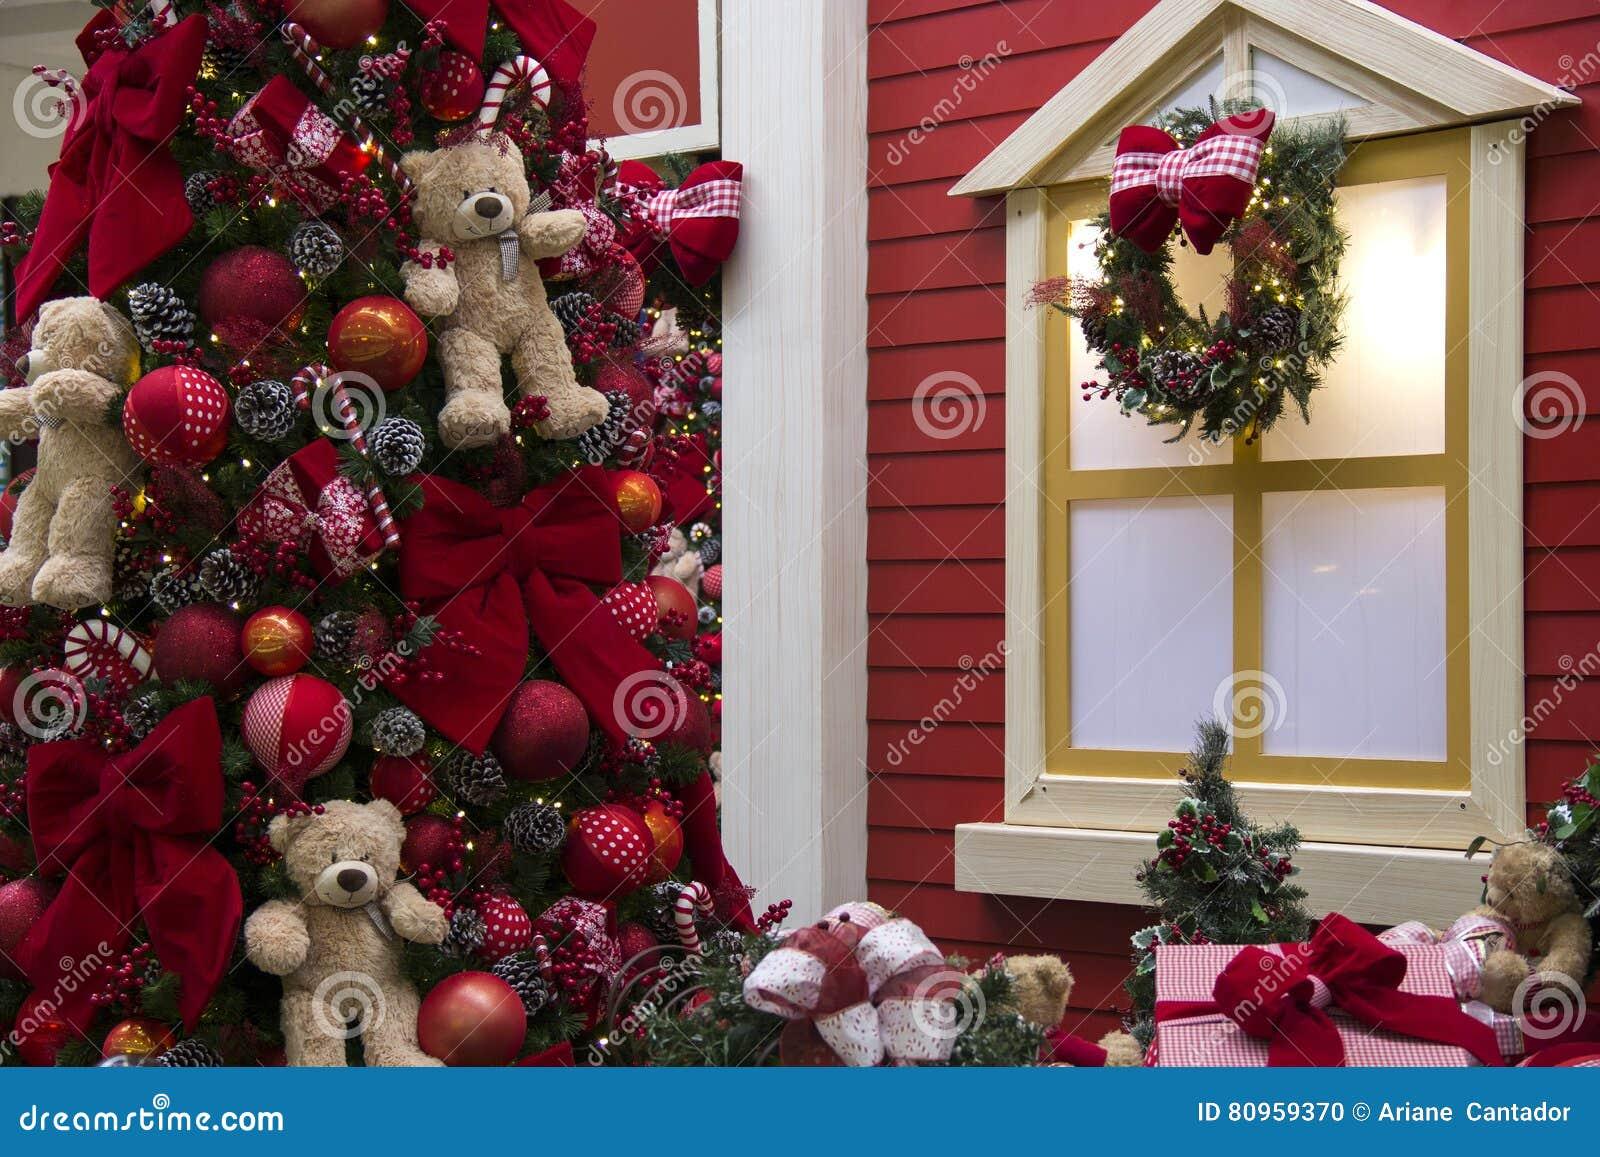 Decoration Balcon De Noel.Decoration De Noel Arbre Decore Sur Le Balcon De La Maison